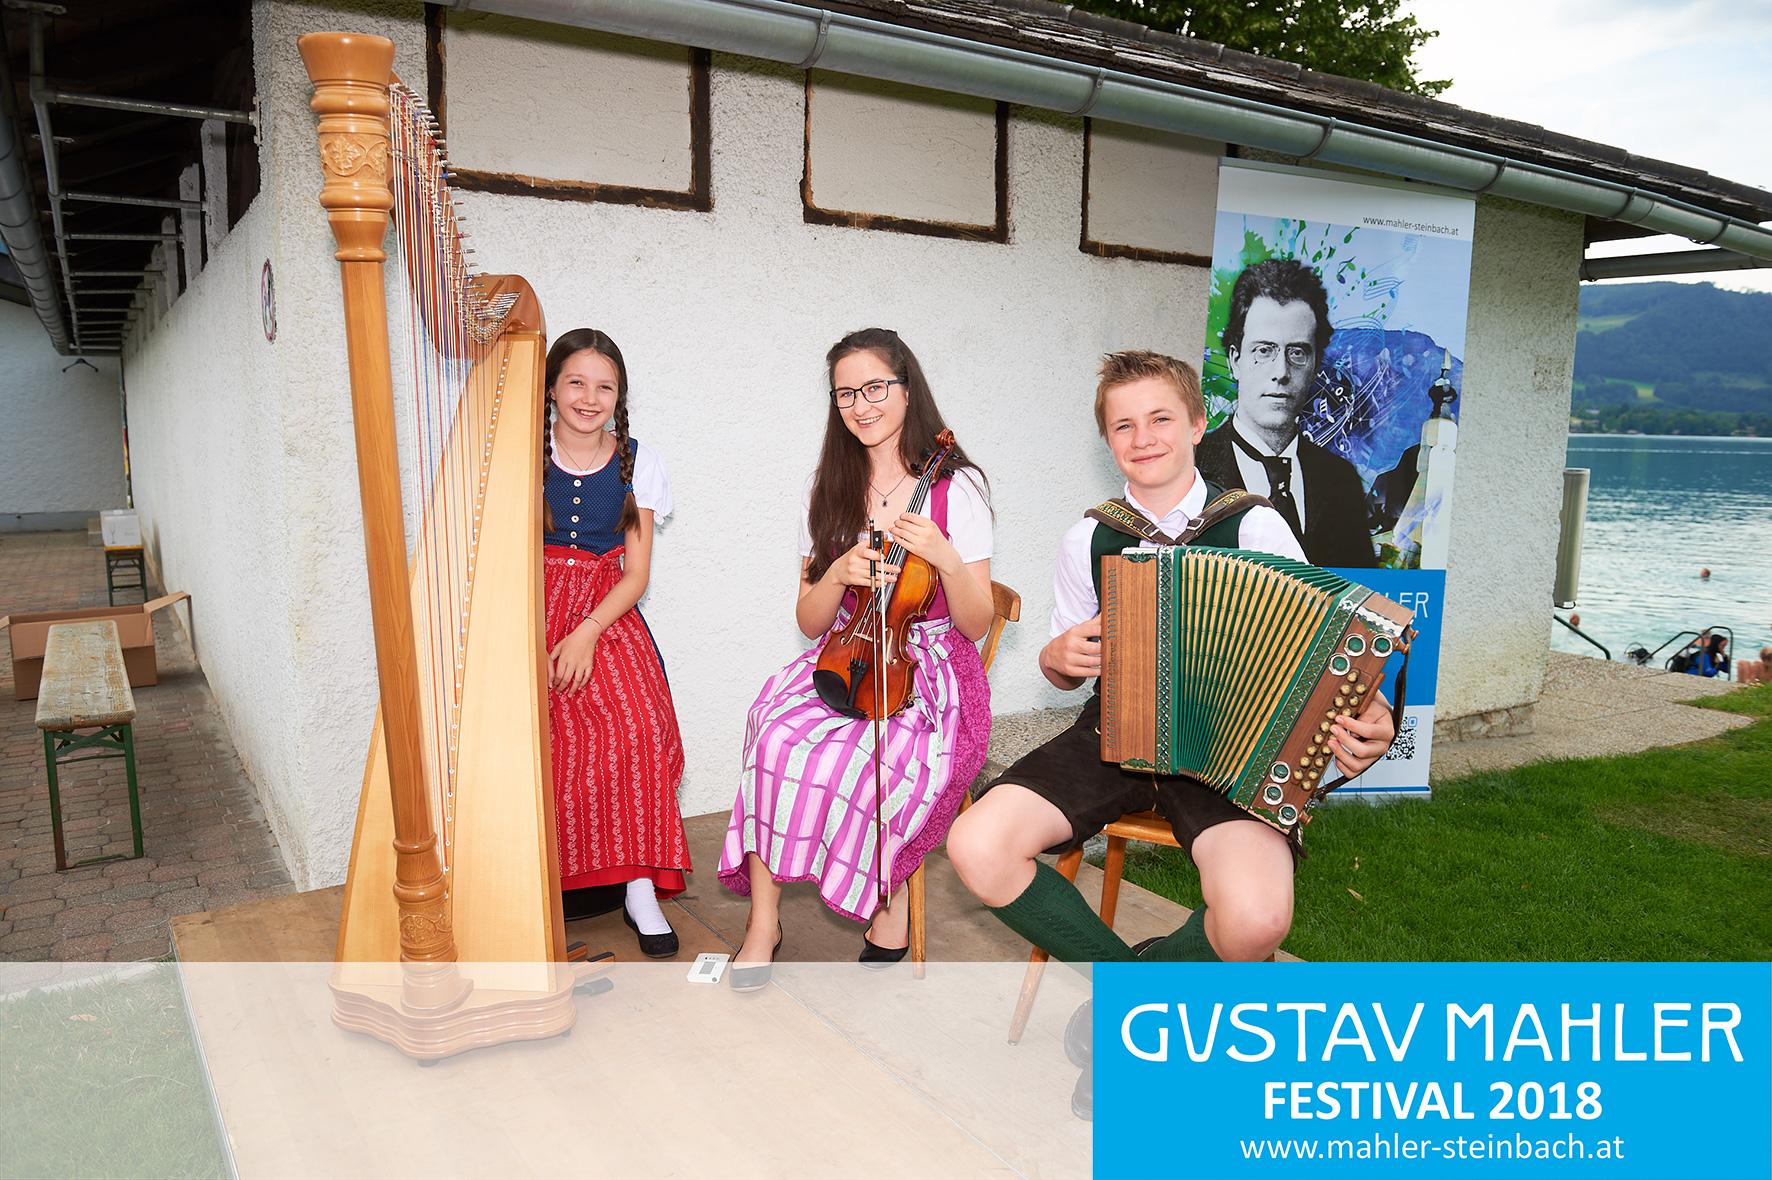 SeeSaitenMusi, 3. Gustav Mahler Festival Steinbach